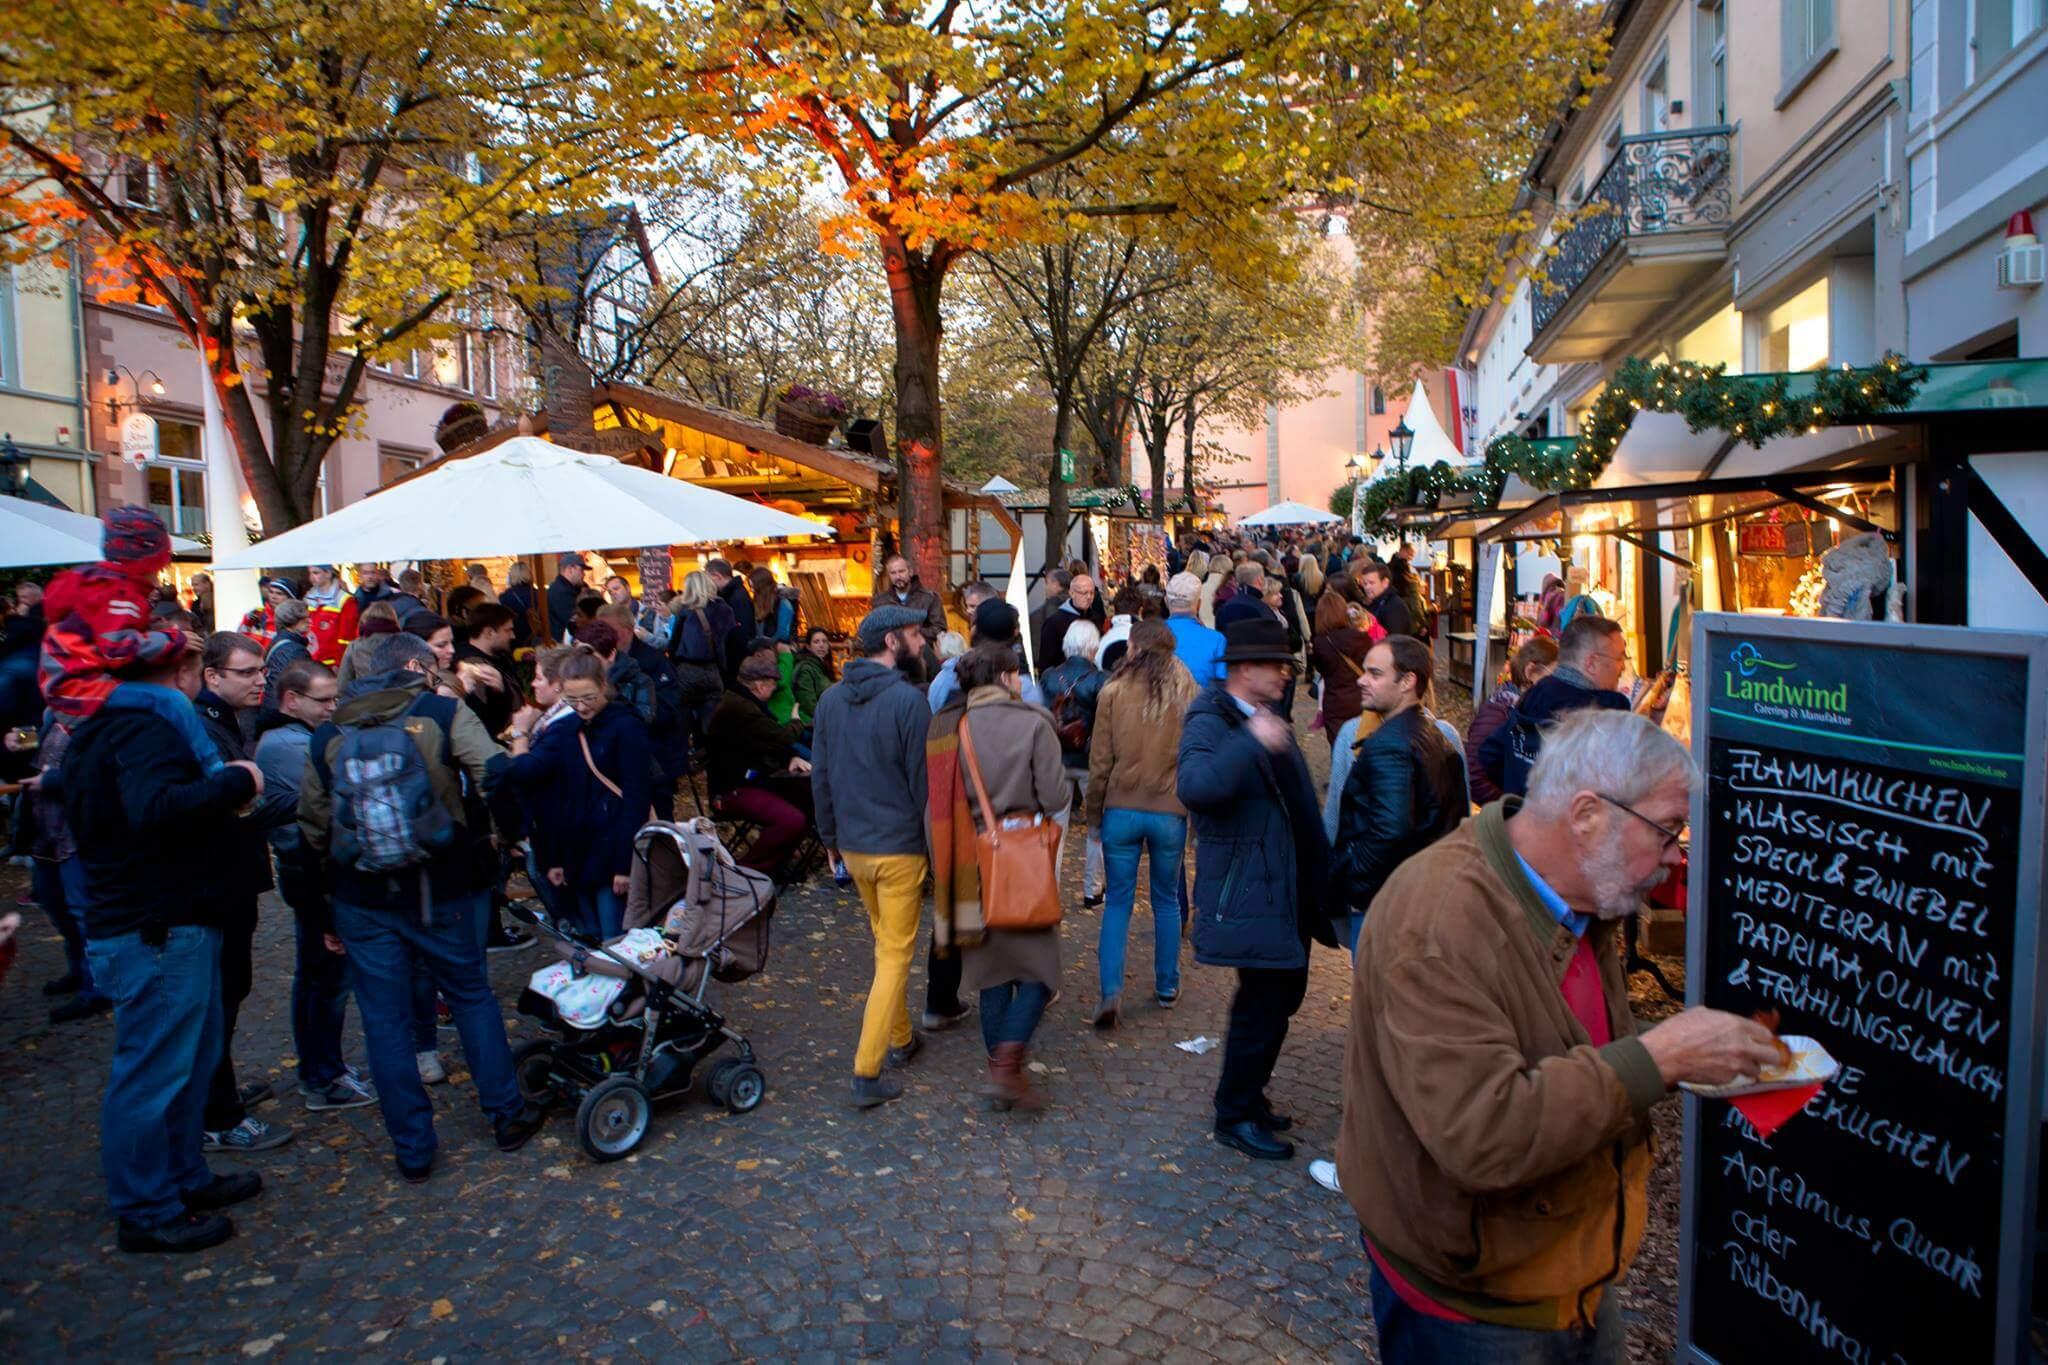 Nicht nur Abends ein Garant für eine zauberhafte Atmosphäre Martinimarkt 2017 Bad Honnef